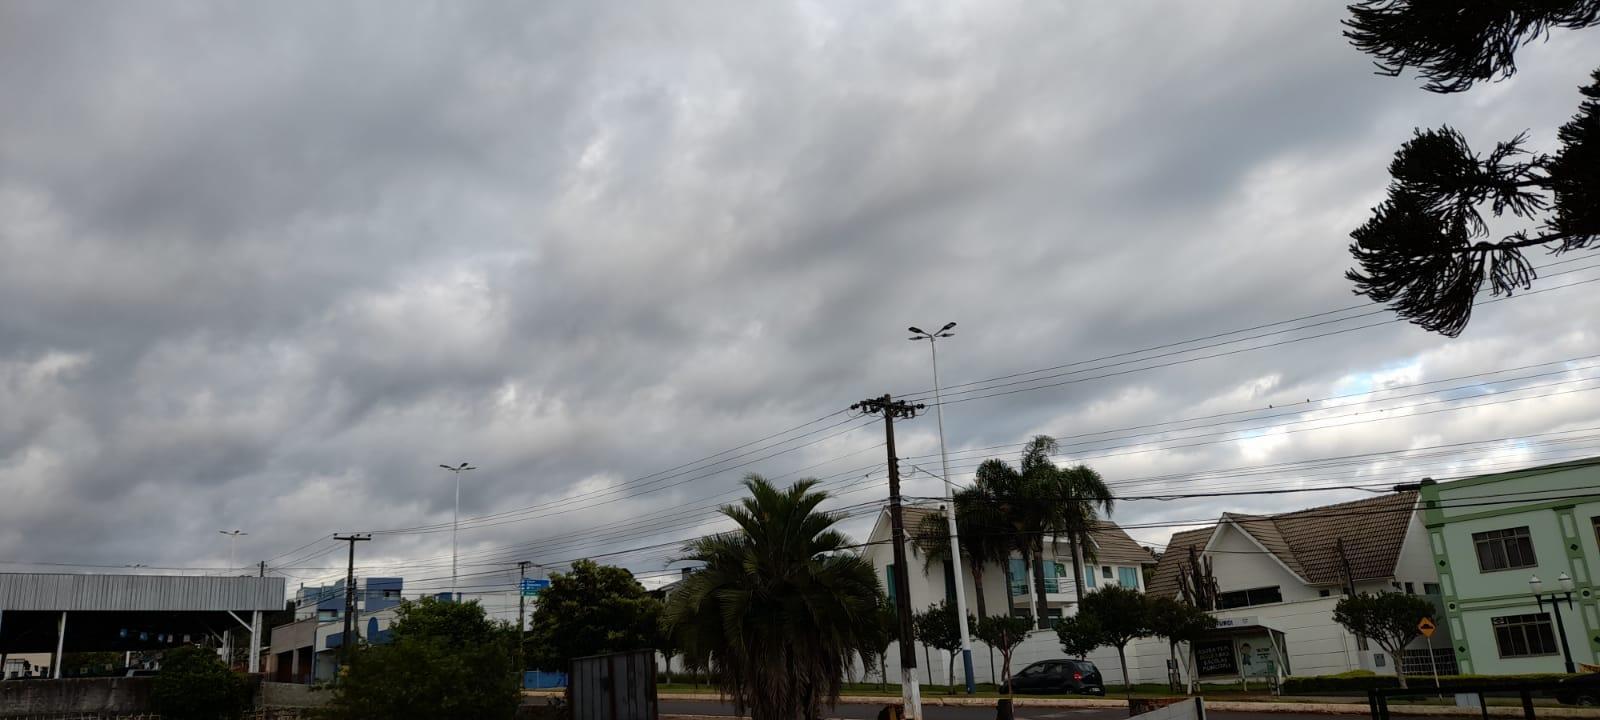 Semana começa com céu nublado em Laranjeiras do Sul sem condição para chuva